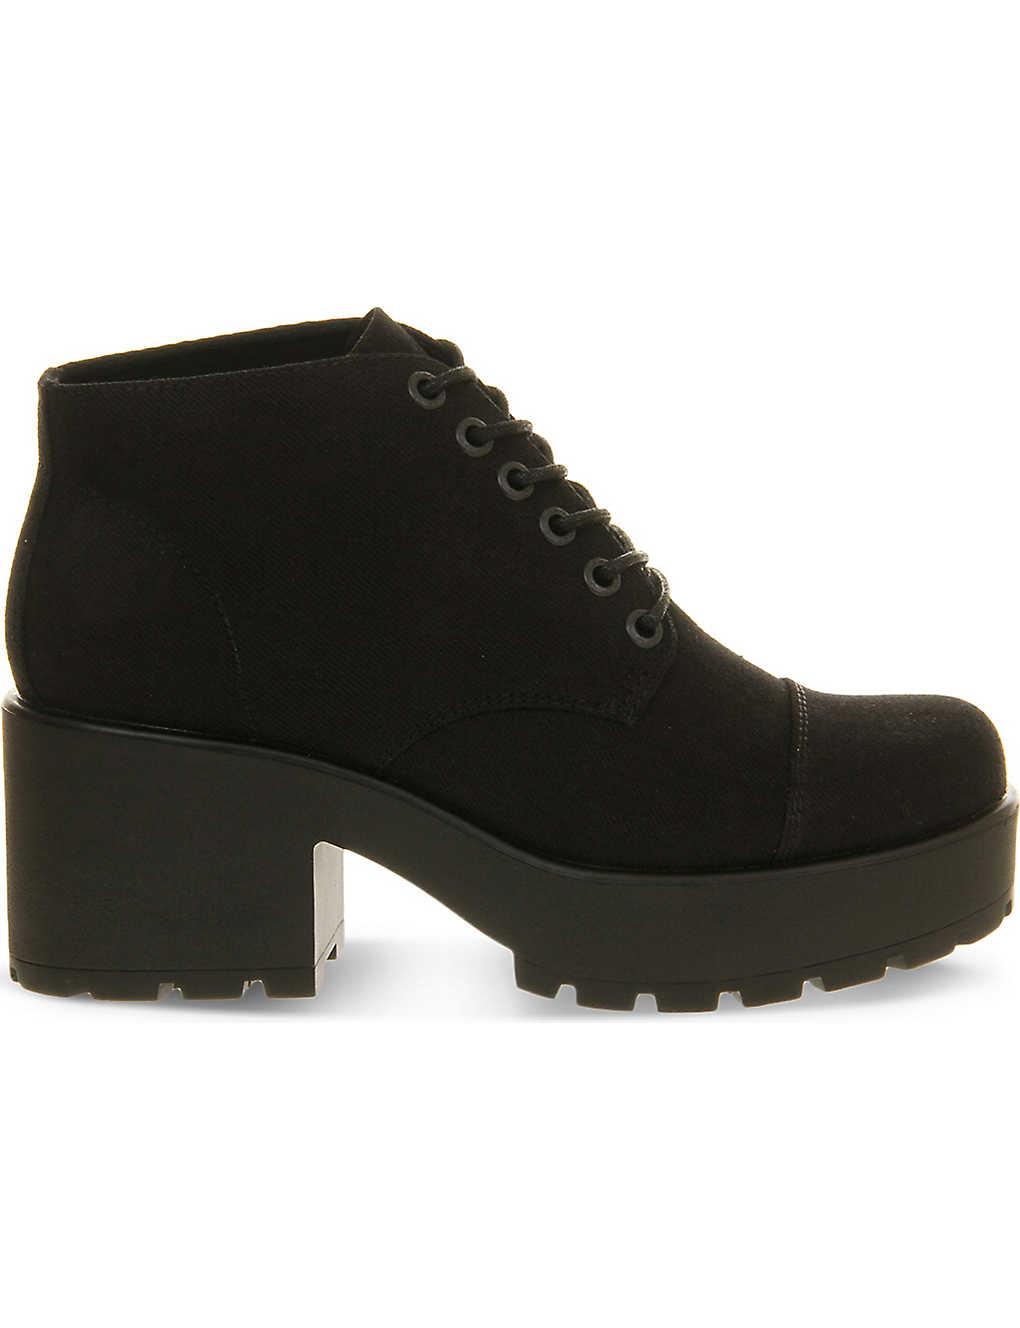 VAGABOND - Dioon canvas boots   Selfridges.com 21a6159df0